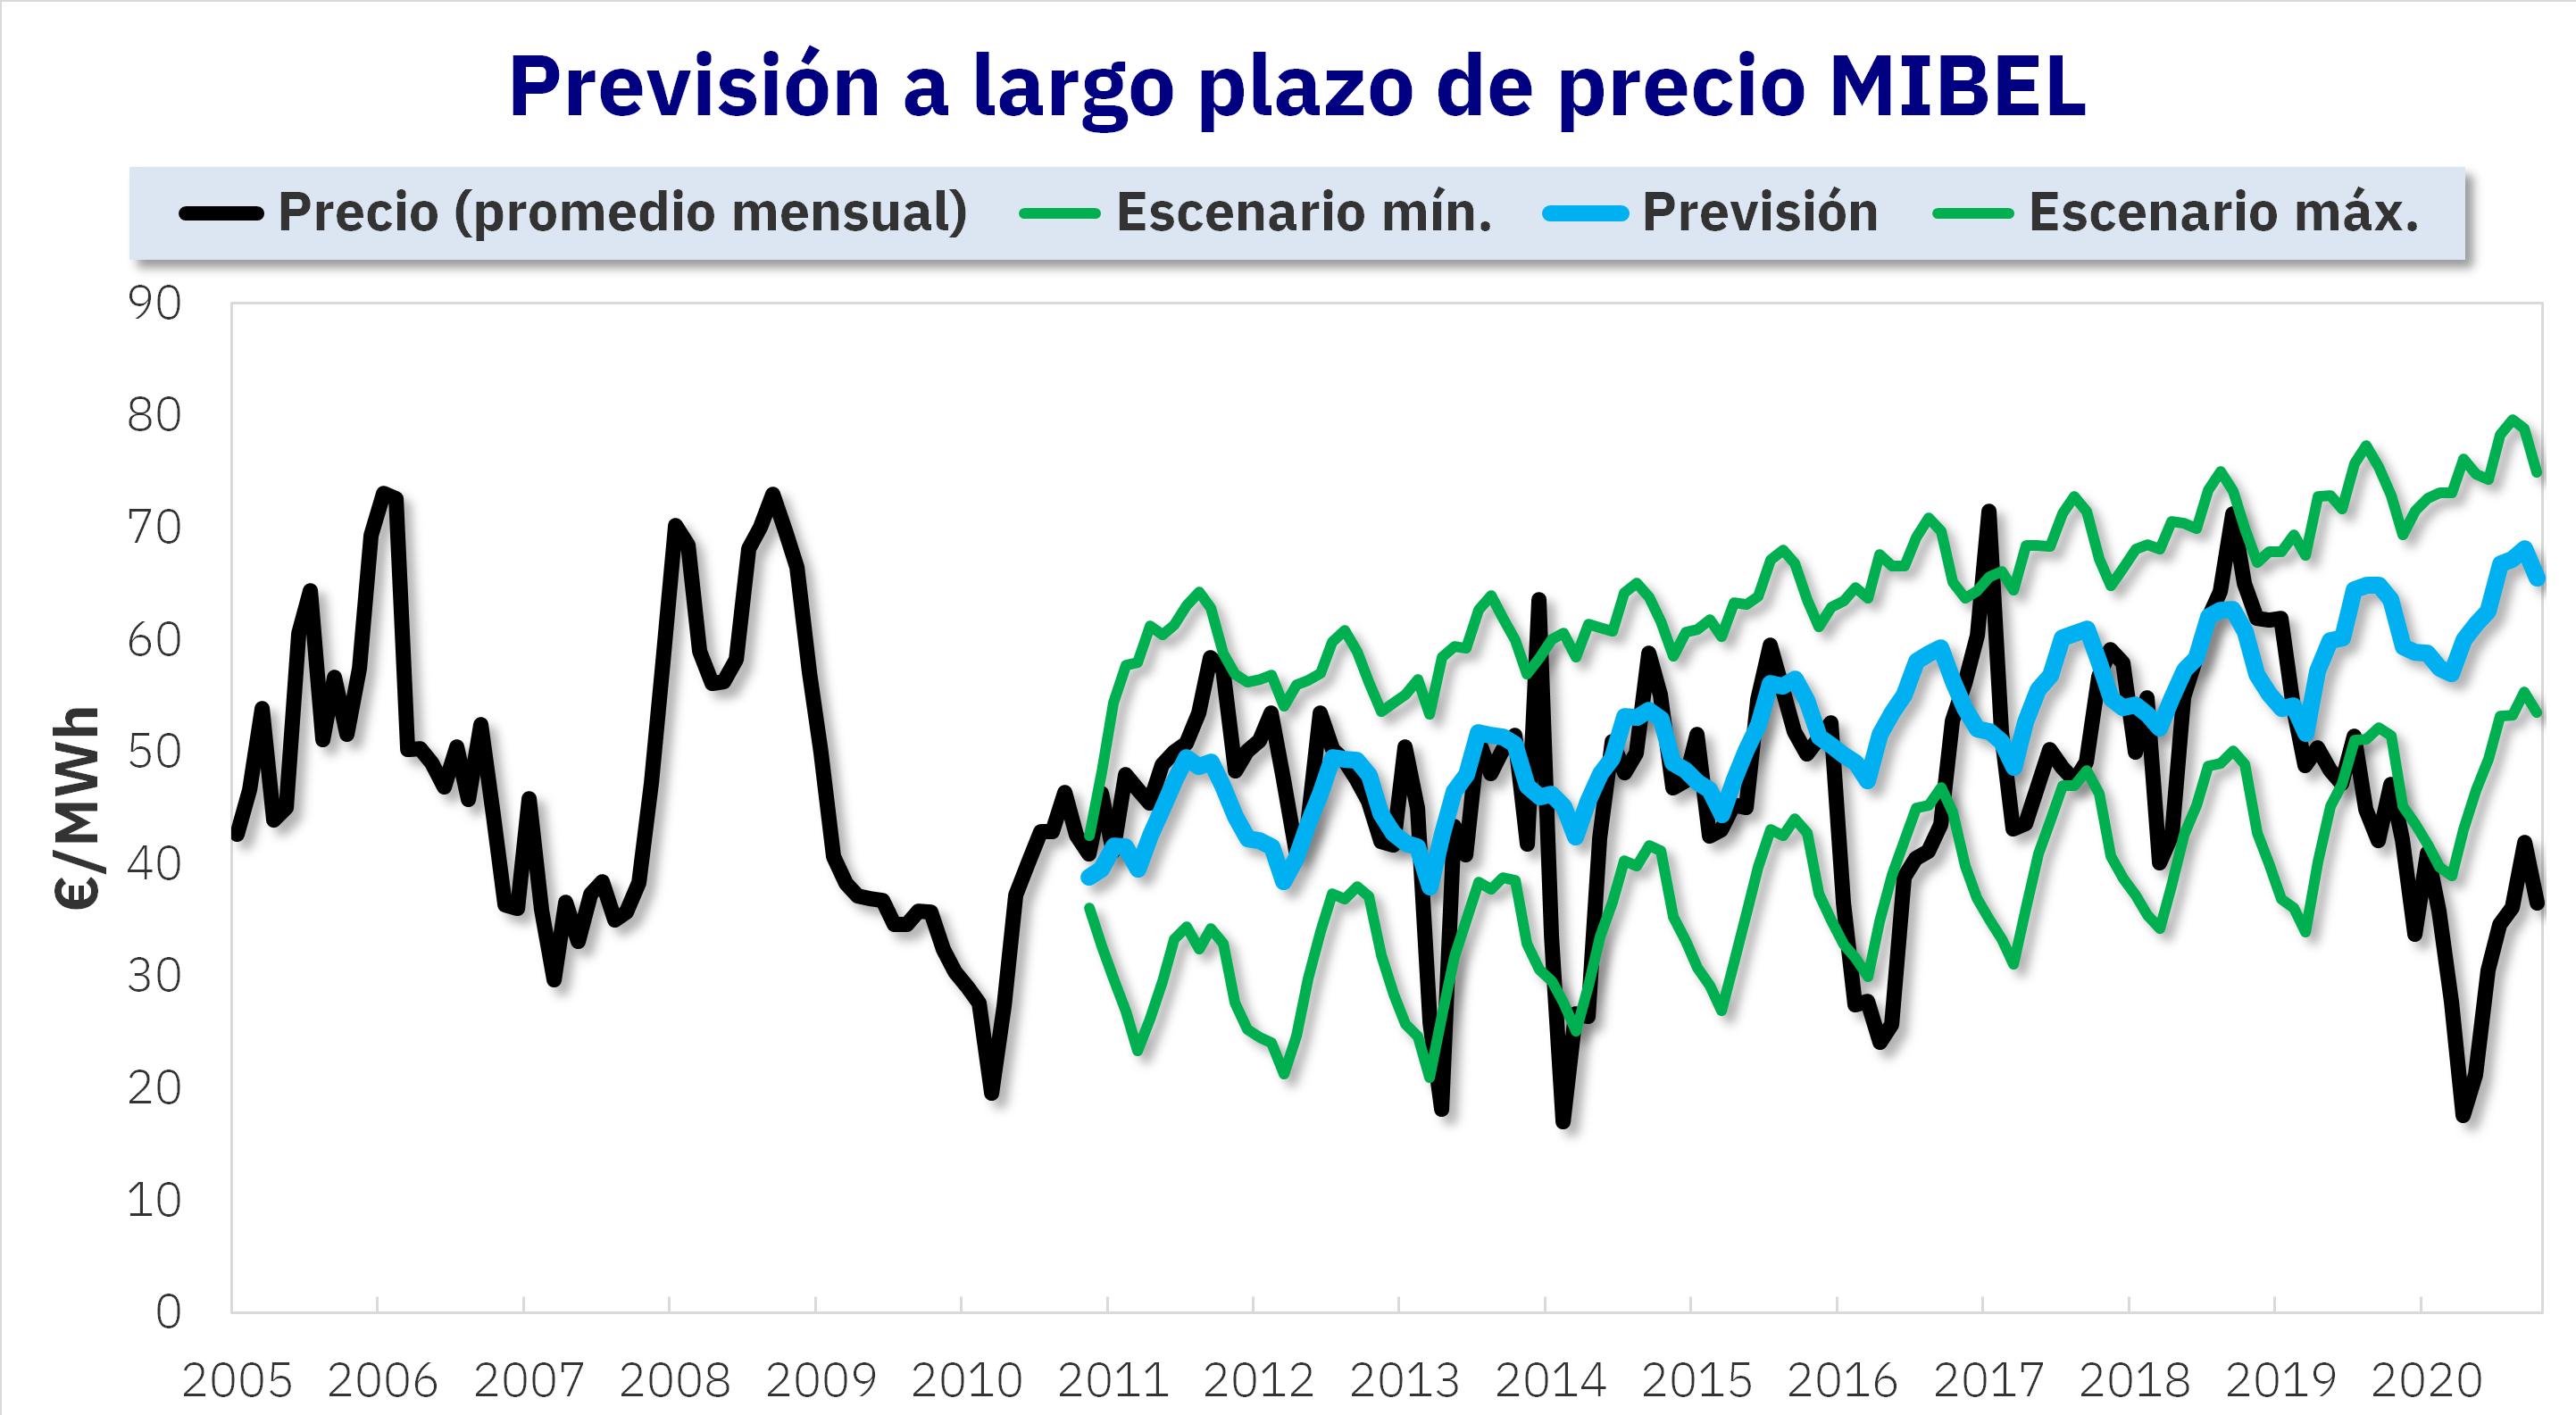 Foto de Previsión de precios de mercado eléctrico MIBEL a largo